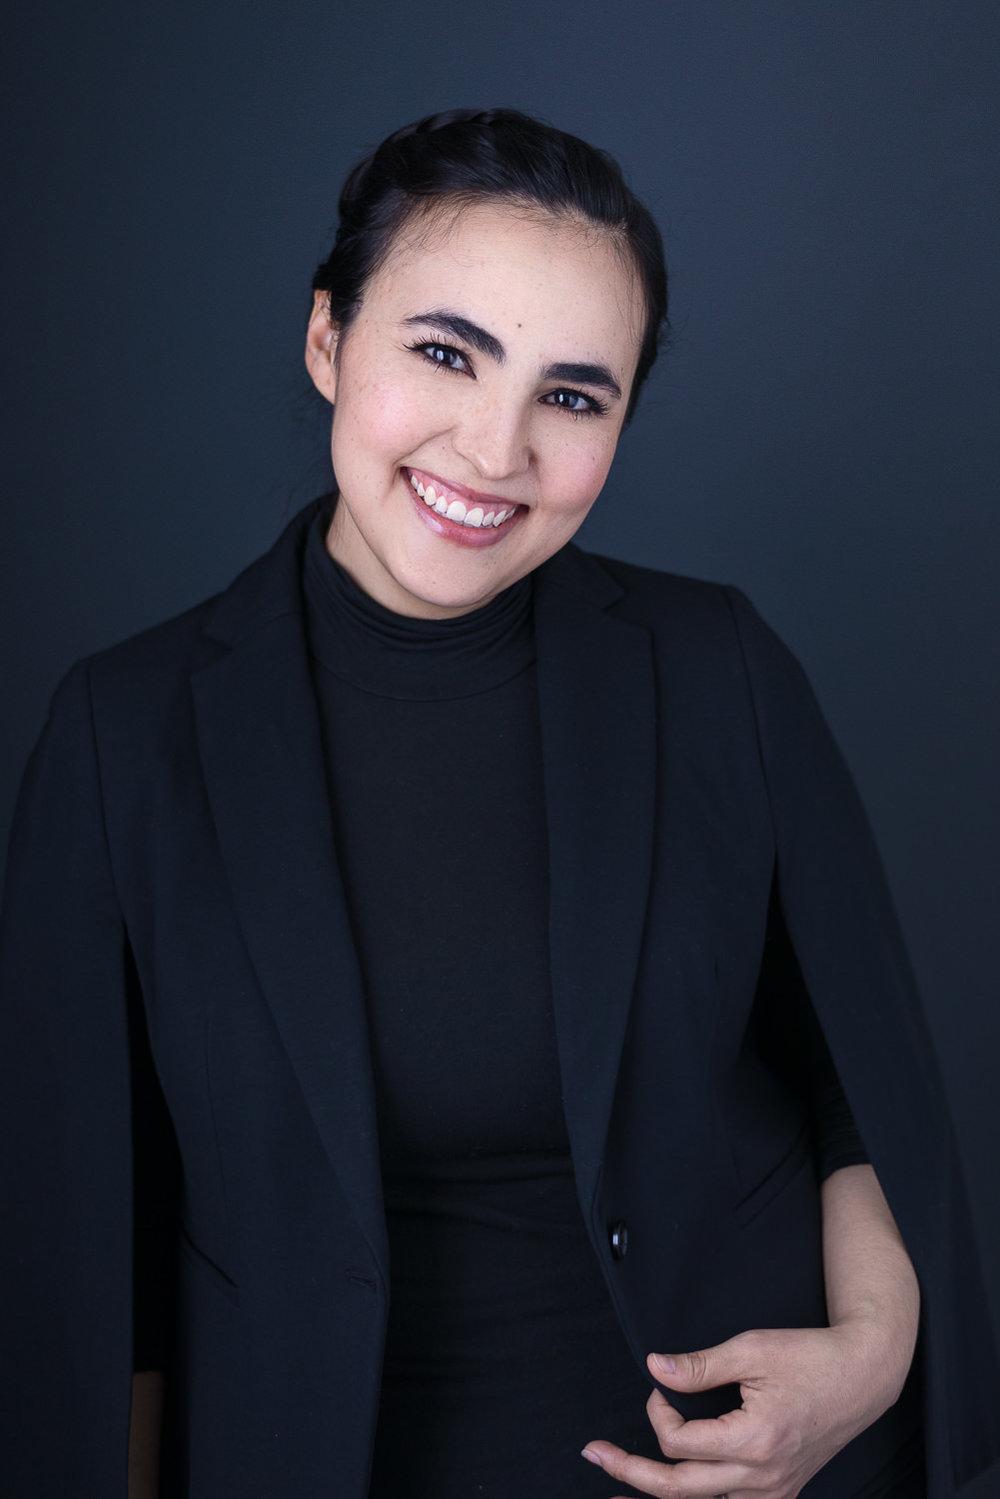 Ana Garibay-Melissa Alcantar Fotografia Sesión de fotos